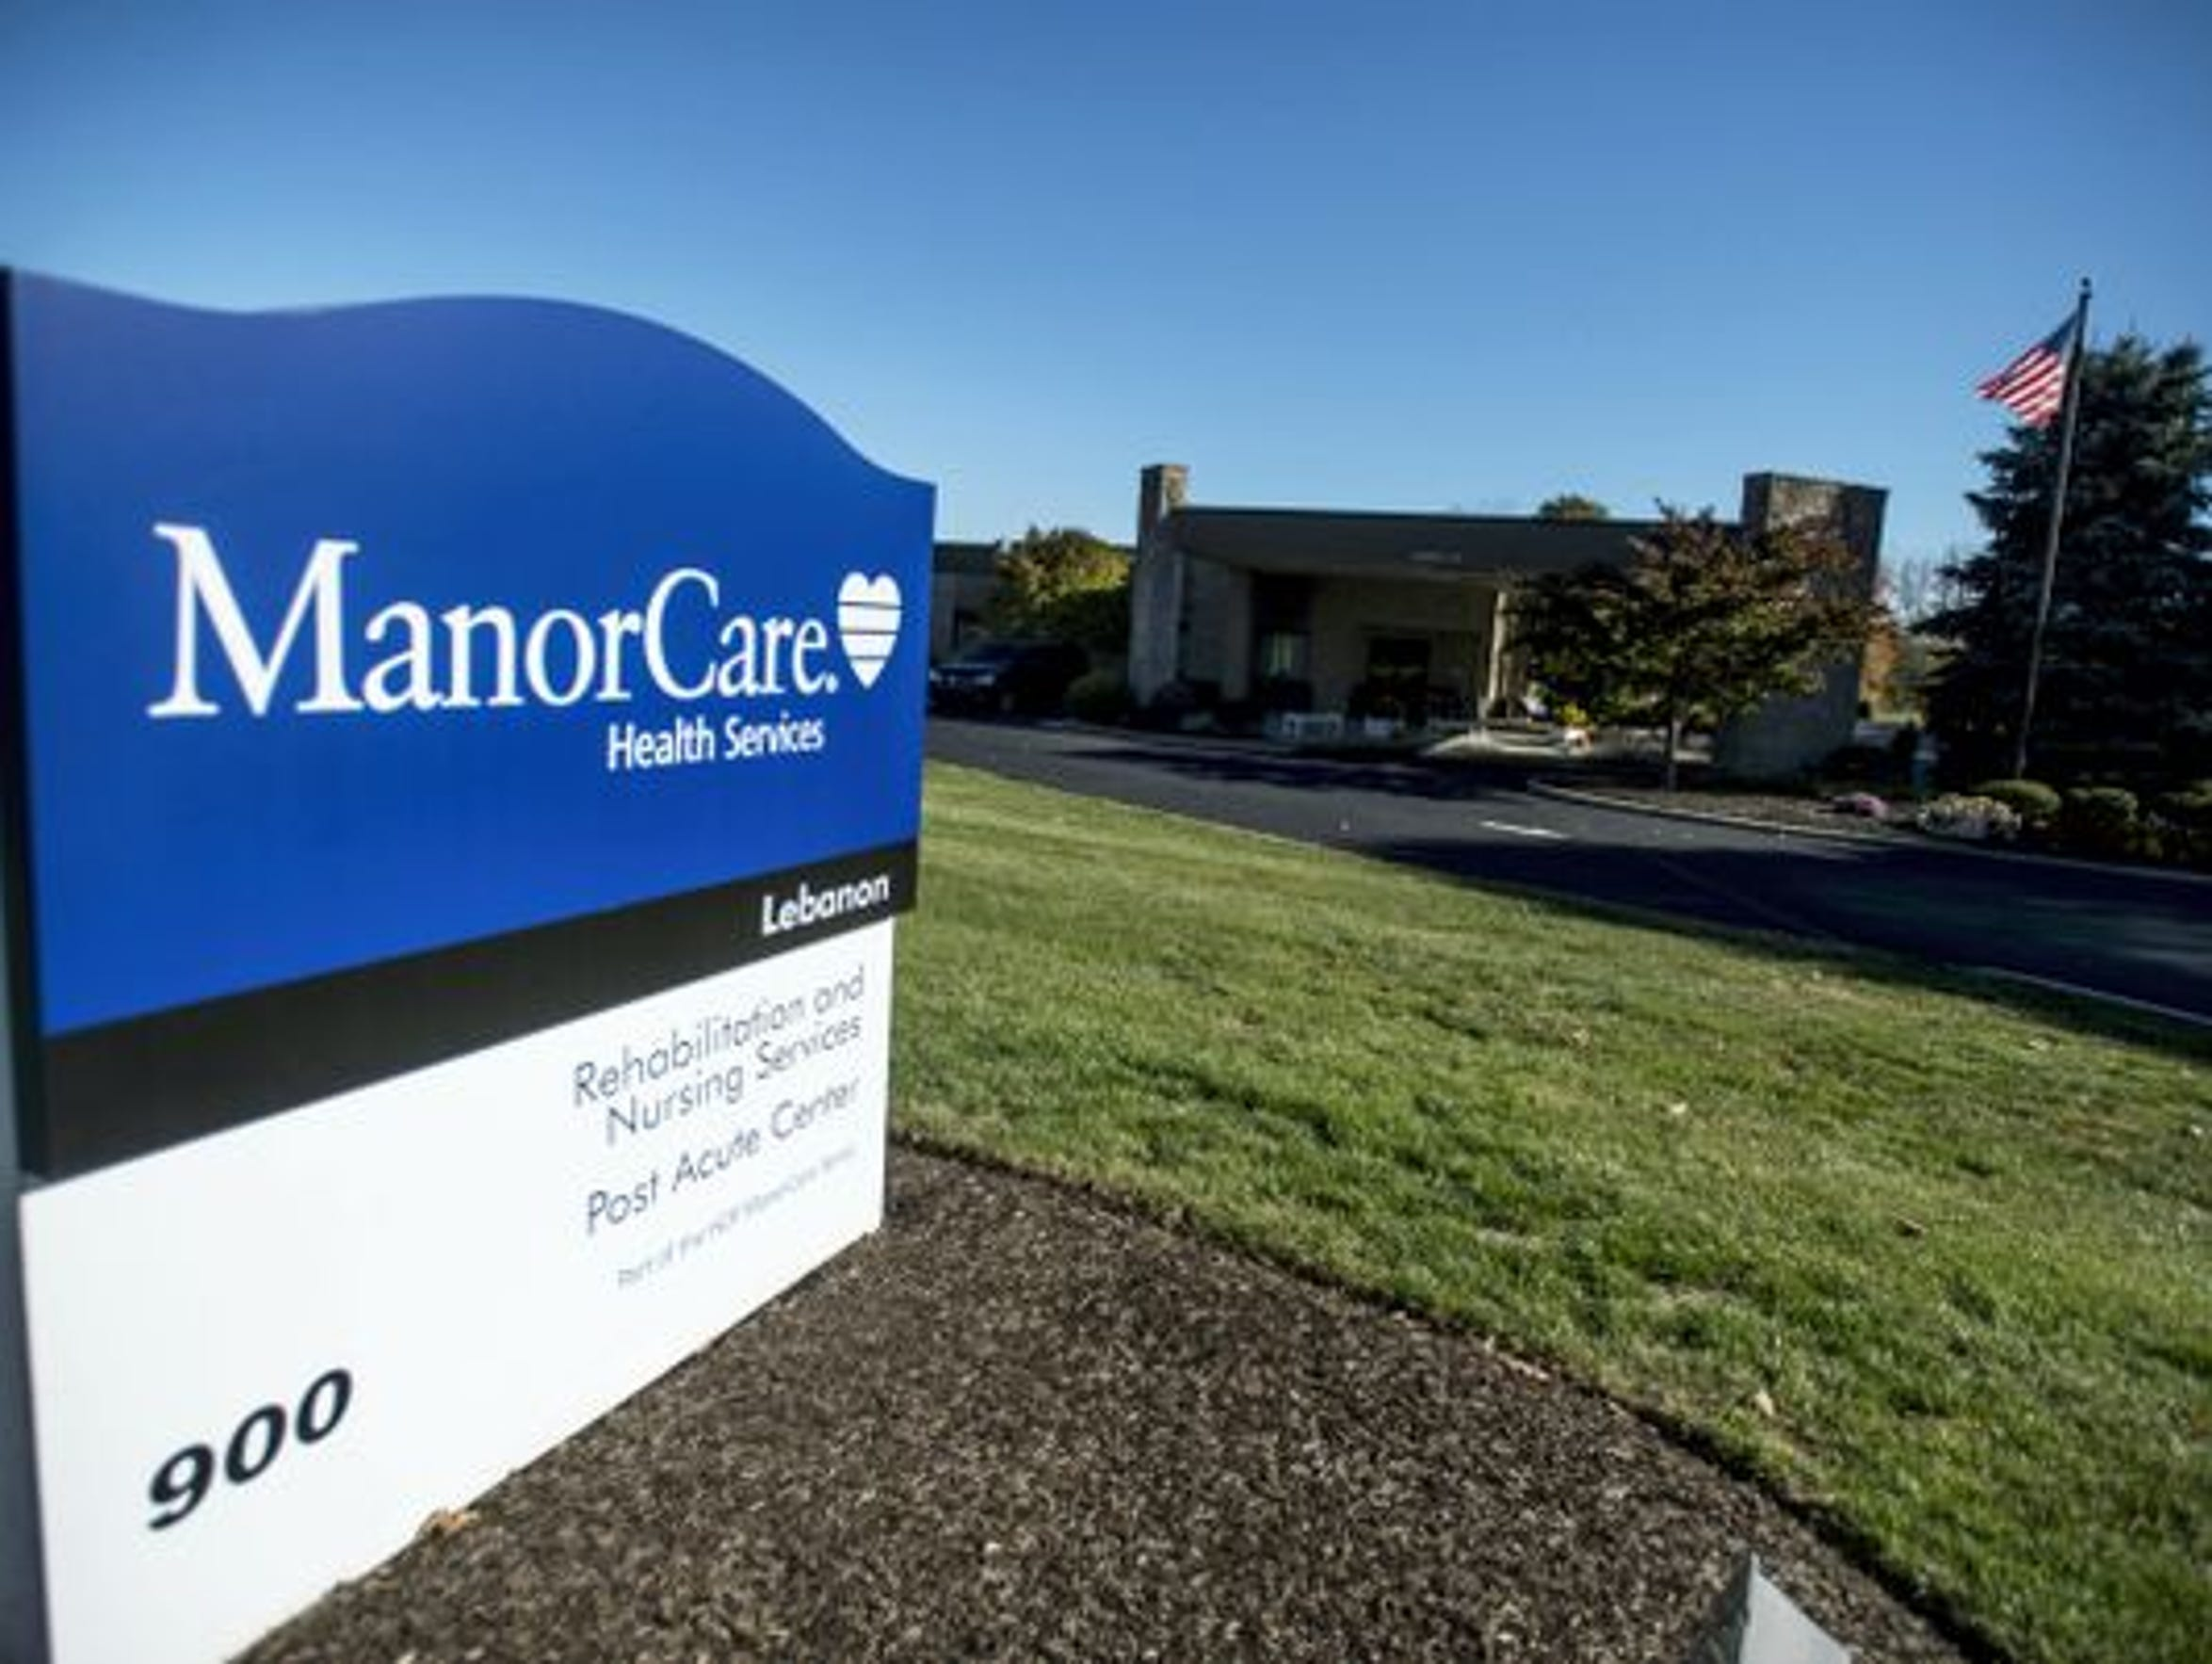 ManorCare Health Services - Lebanon had two falls involving